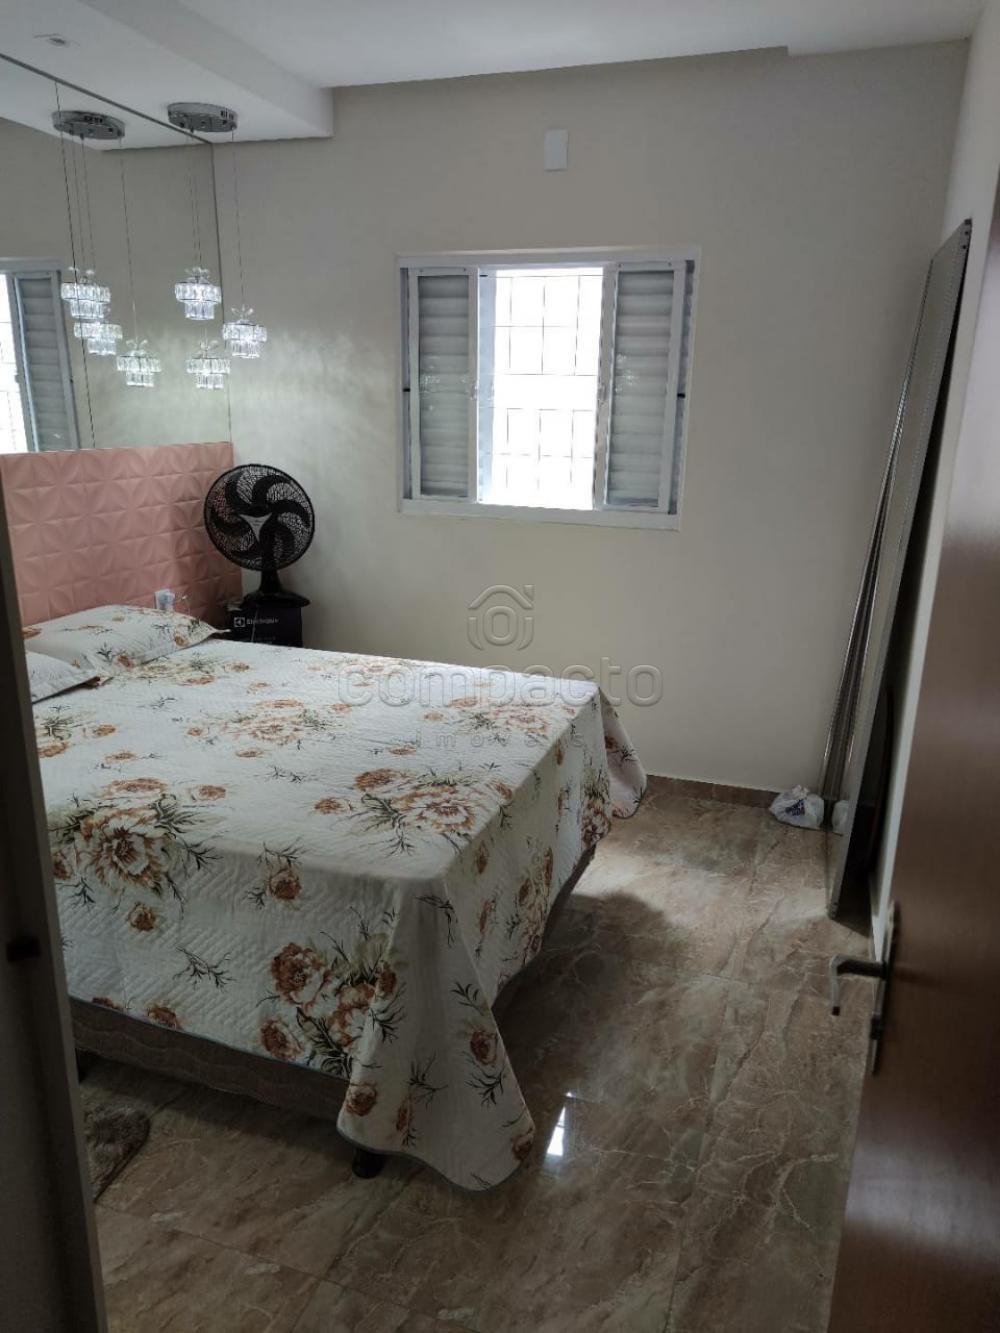 Comprar Casa / Padrão em Mirassol apenas R$ 350.000,00 - Foto 6